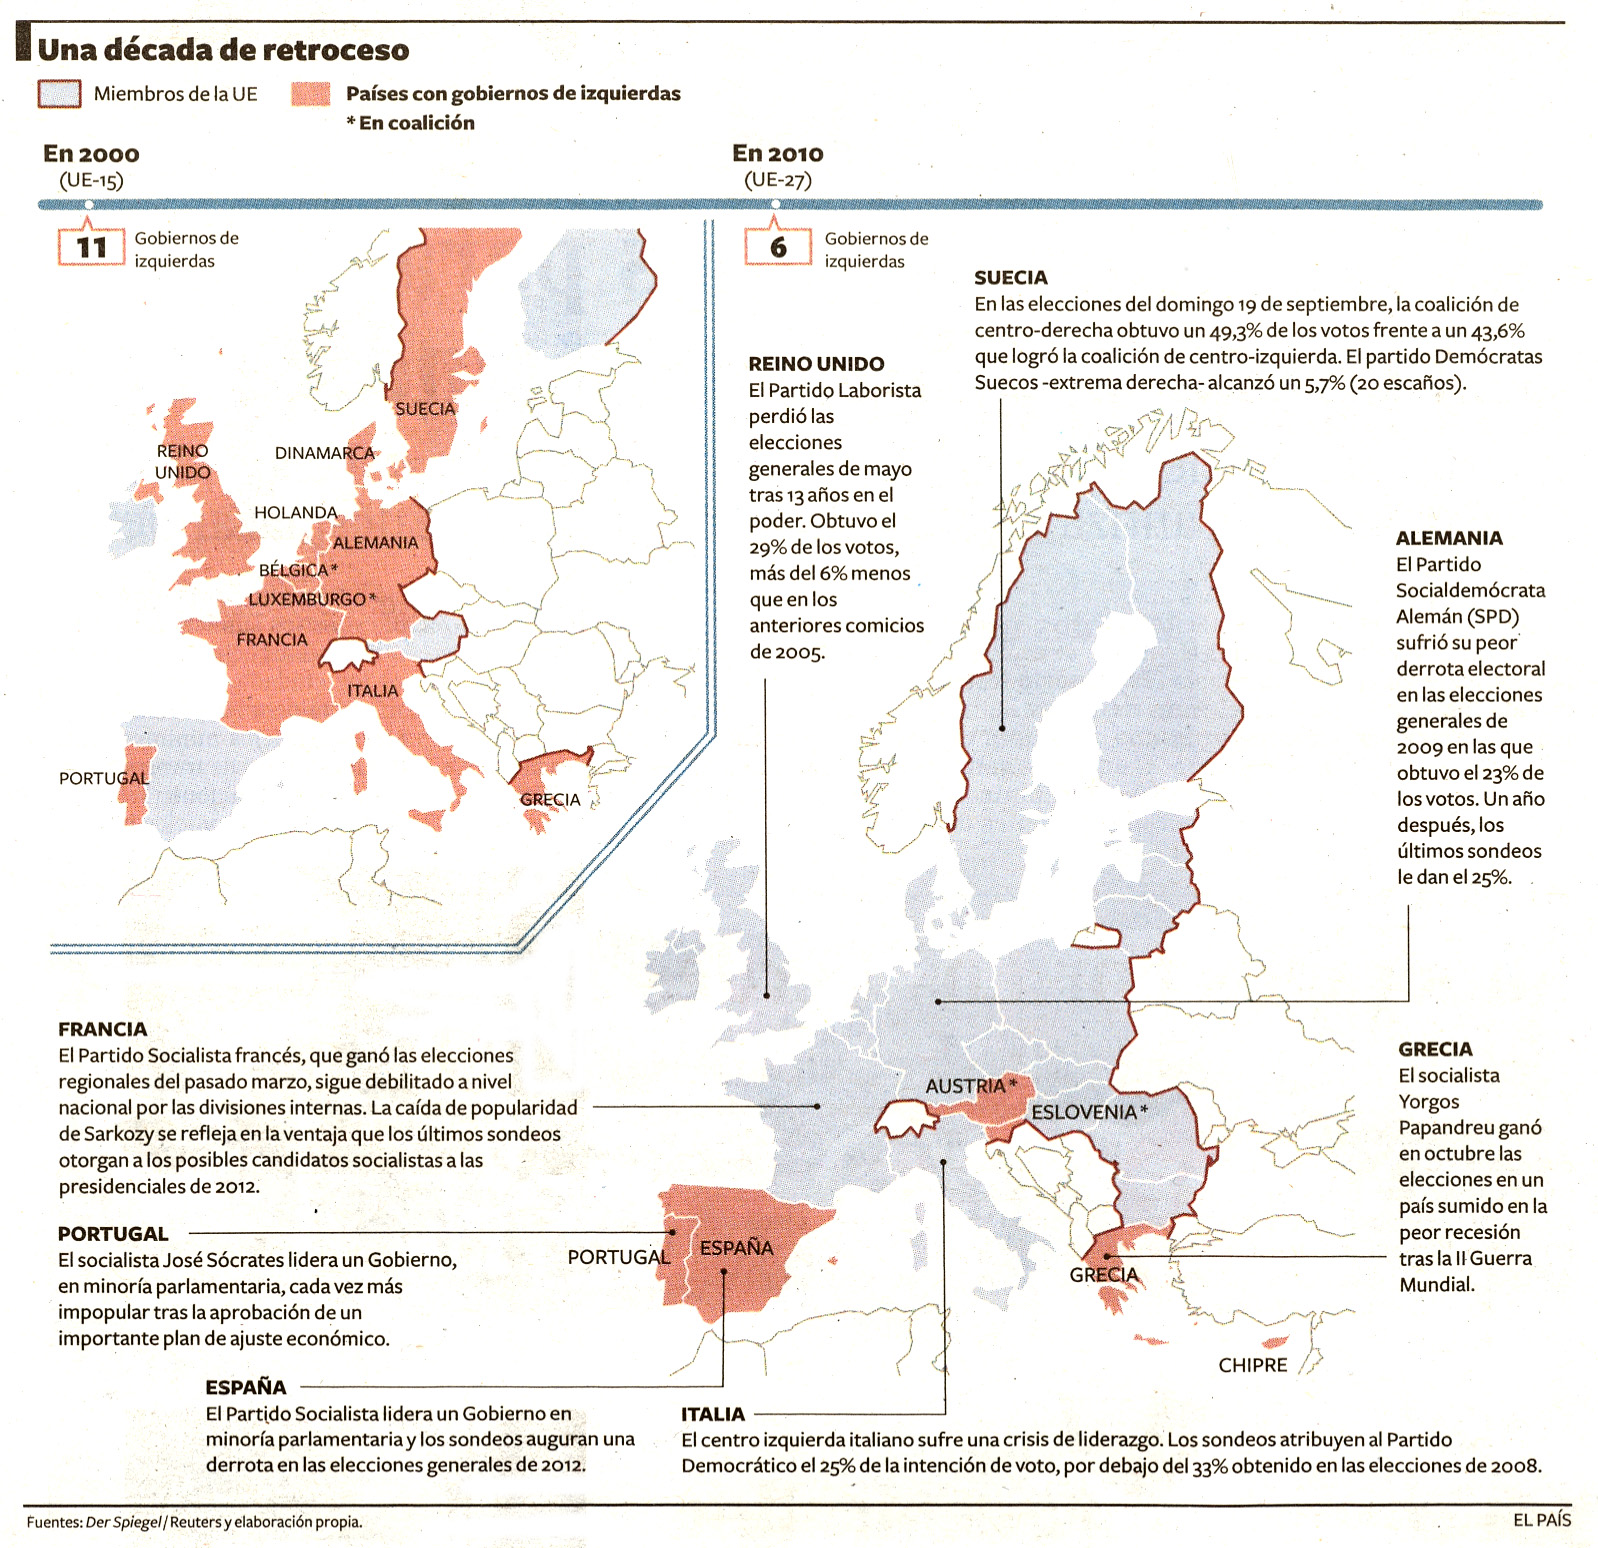 Mapa de la Izquierda del Continente Europeo